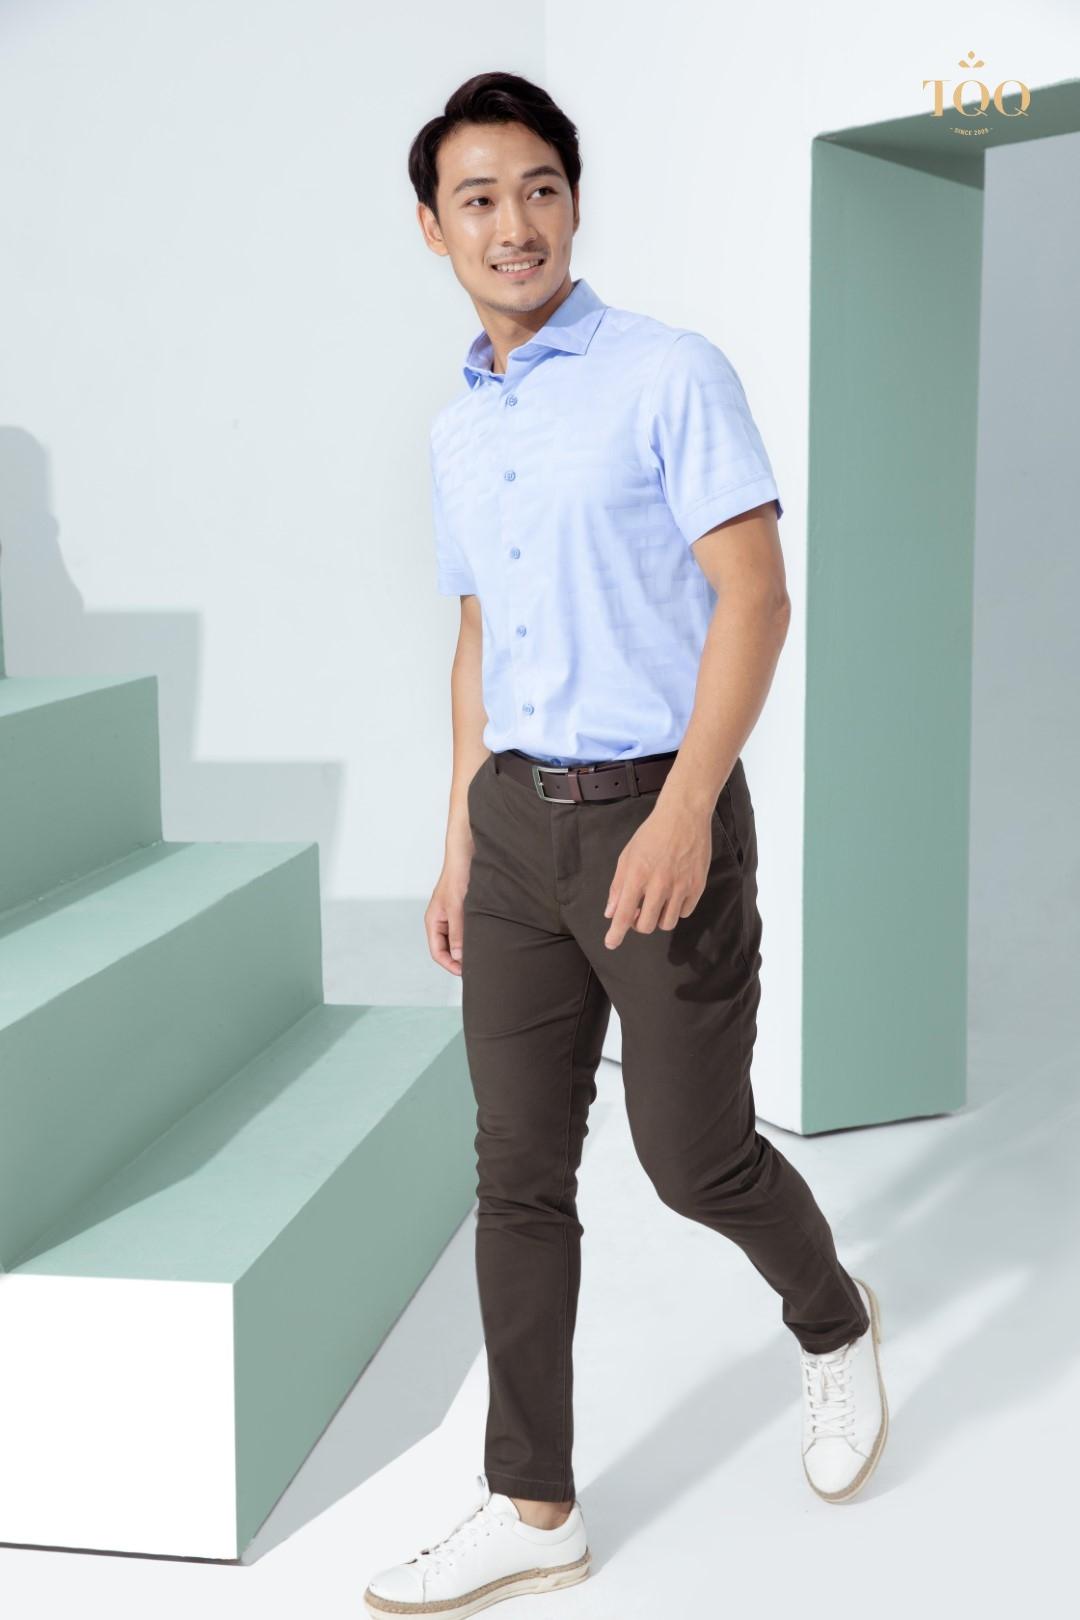 Áo sơ mi + quần kaki là sự kết hợp đem đến sự trẻ trung, phong độ cho nam giới